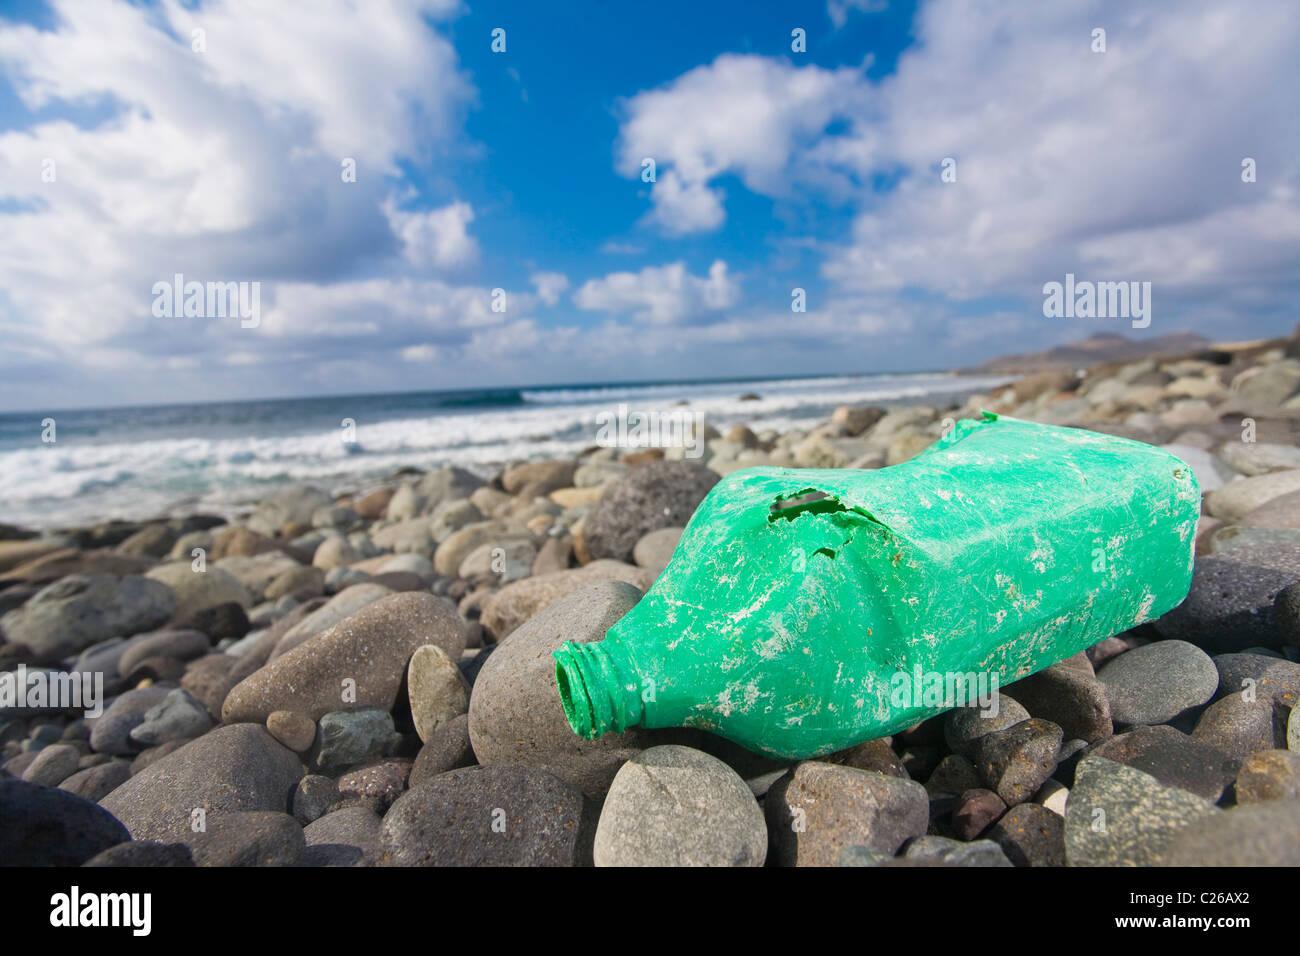 Une vieille bouteille d'huile est posé sur une côte rocheuse. Nice shot ou biodégradables pour Photo Stock